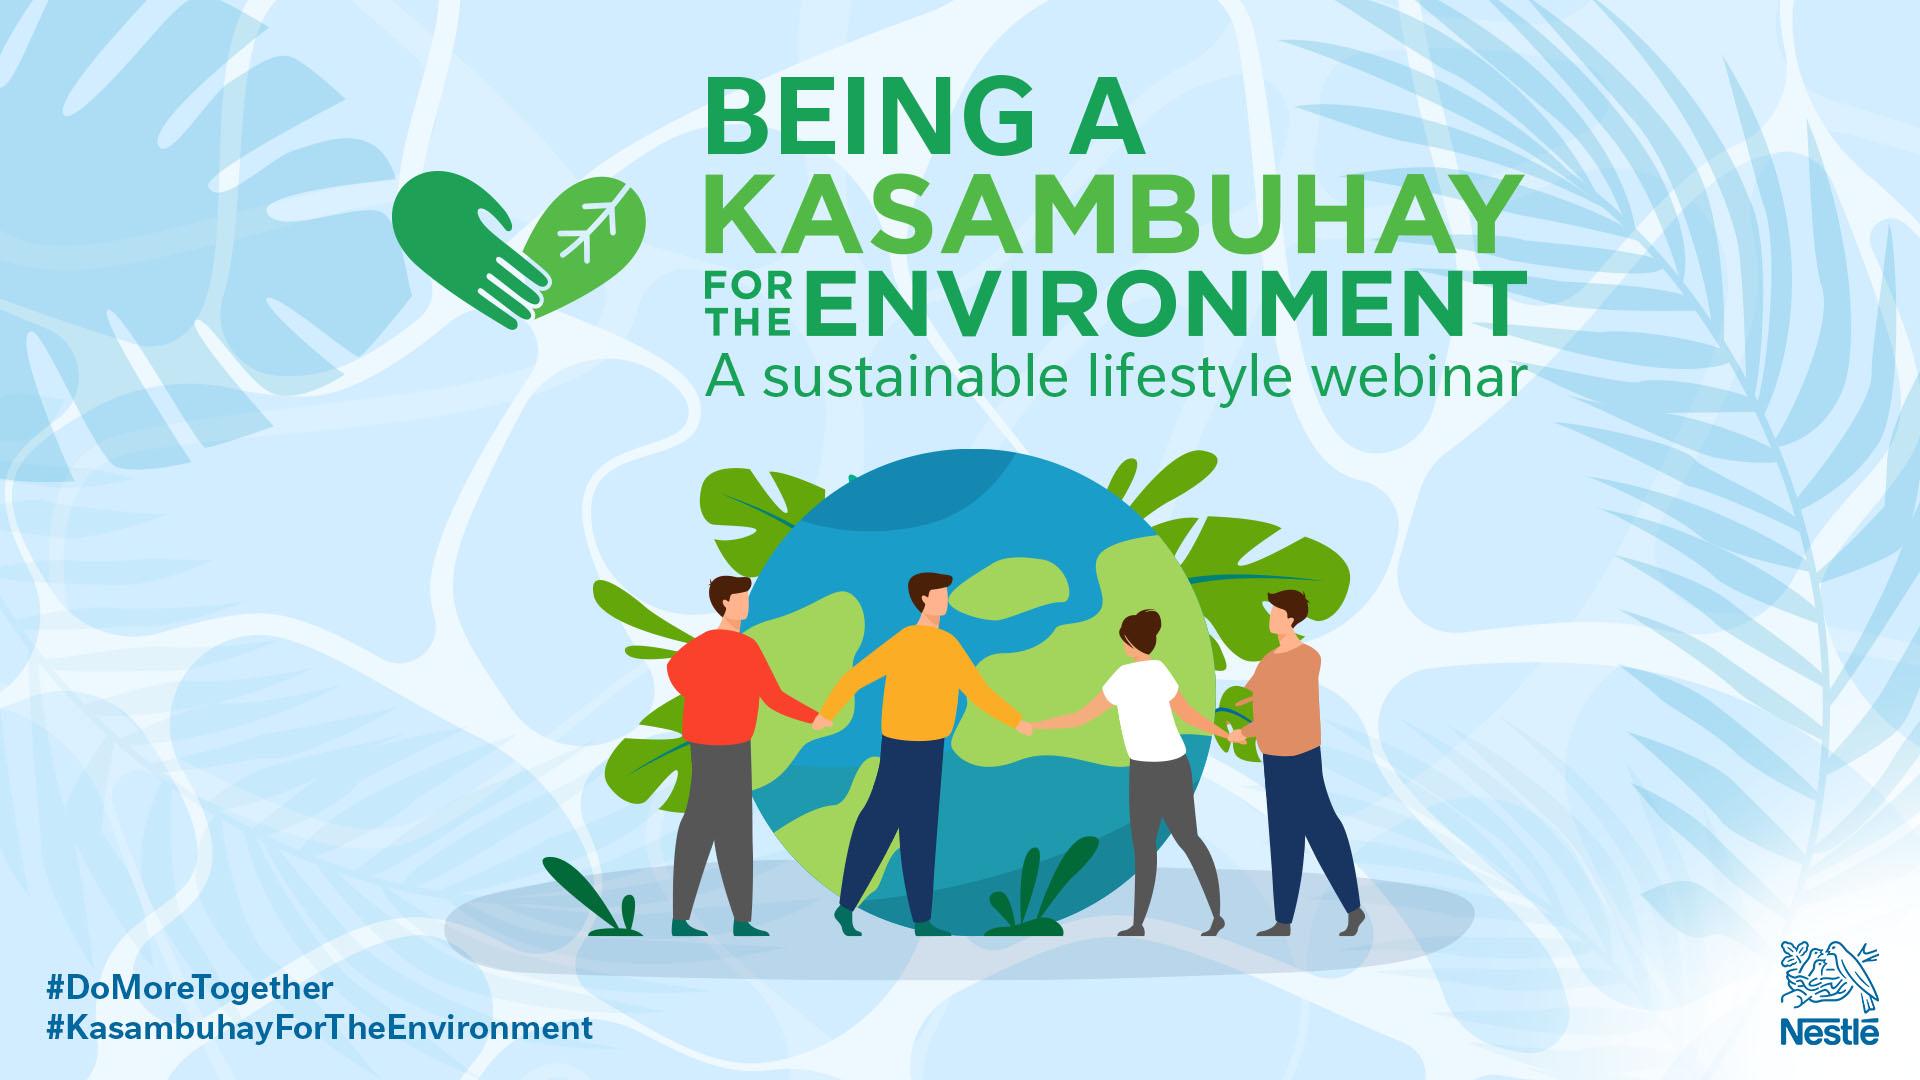 Kasambuhay for the Environment